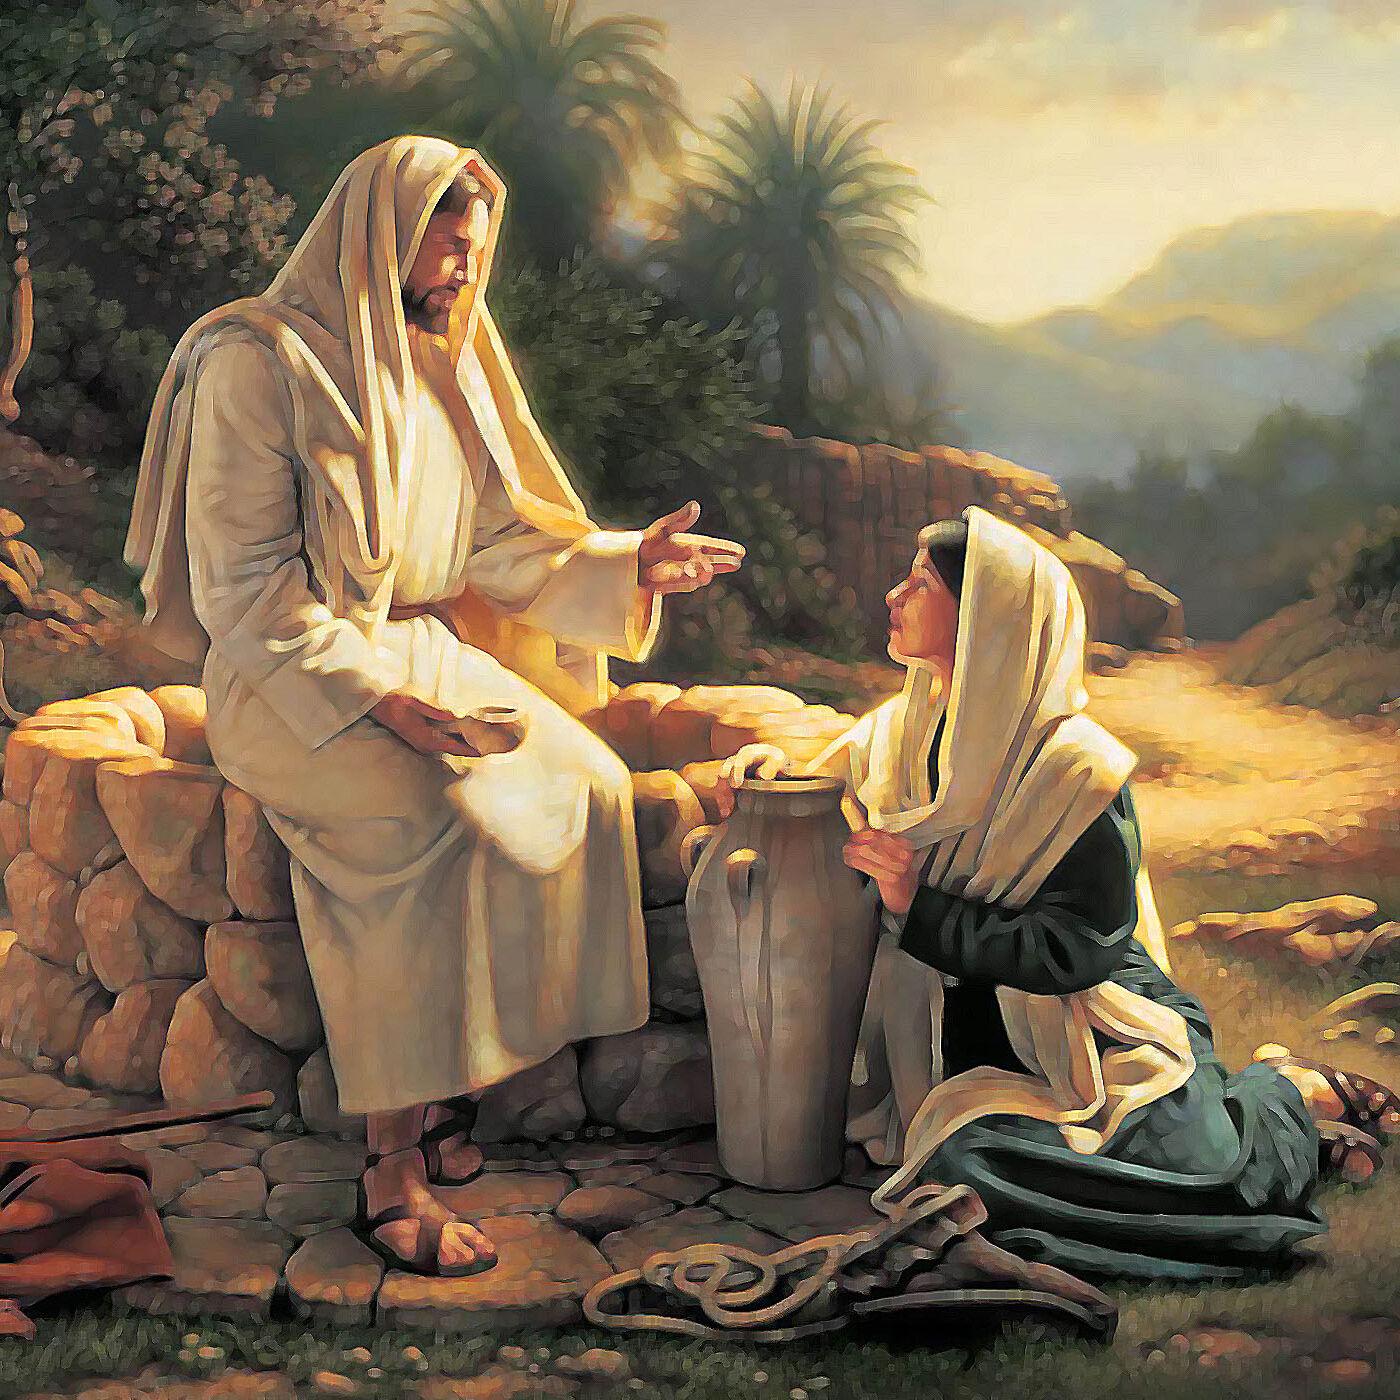 riflessioni sul Vangelo di Sabato 6 Marzo 2021 (Lc 15, 1-3. 11-32)